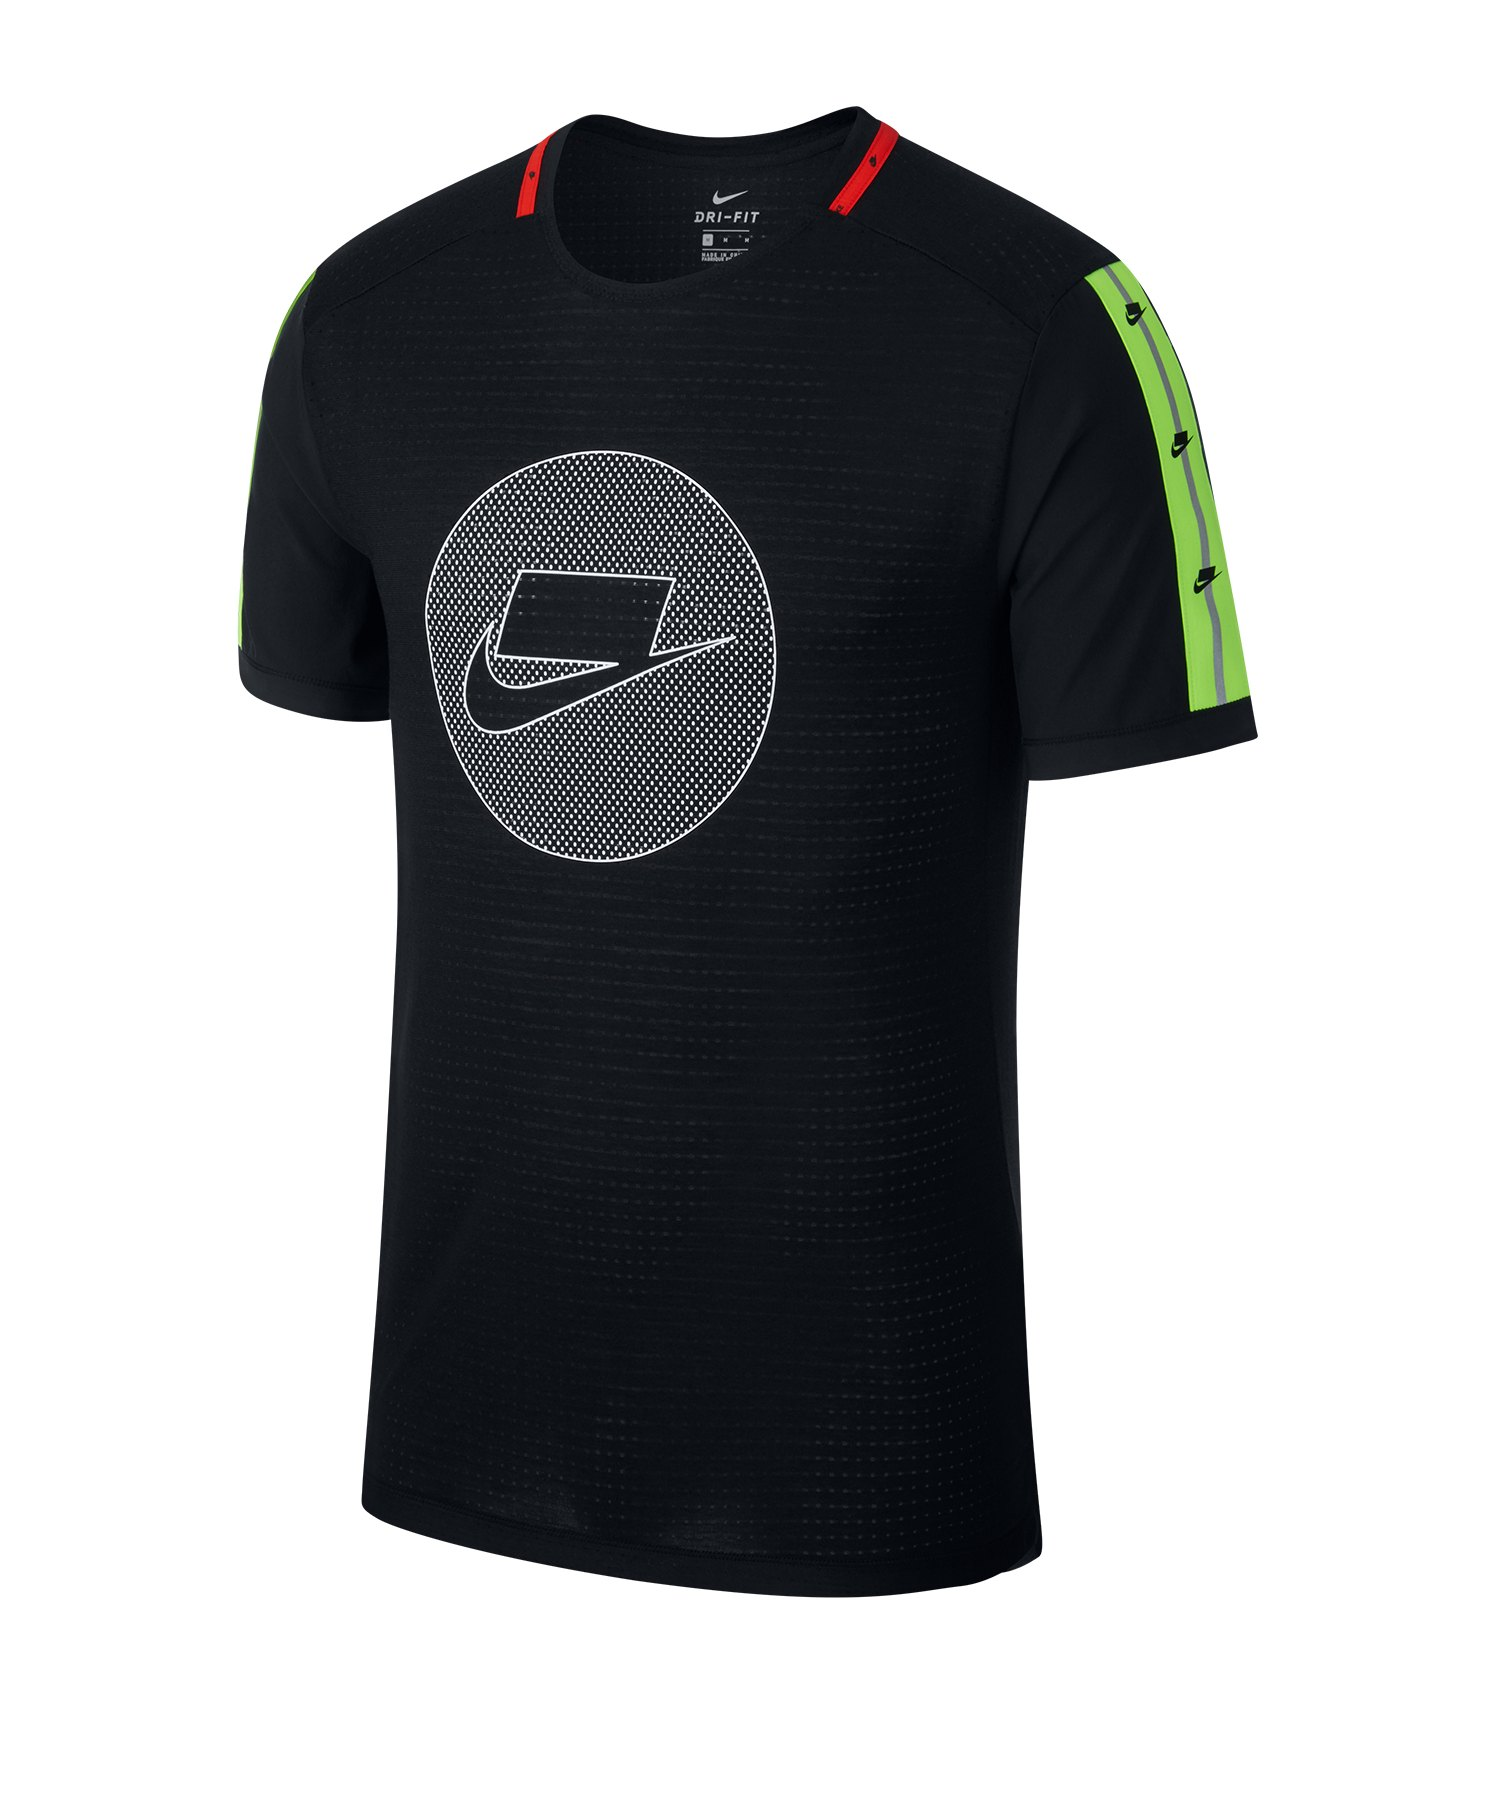 Nike Wild Running Shirt kurzarm Schwarz F010 - schwarz